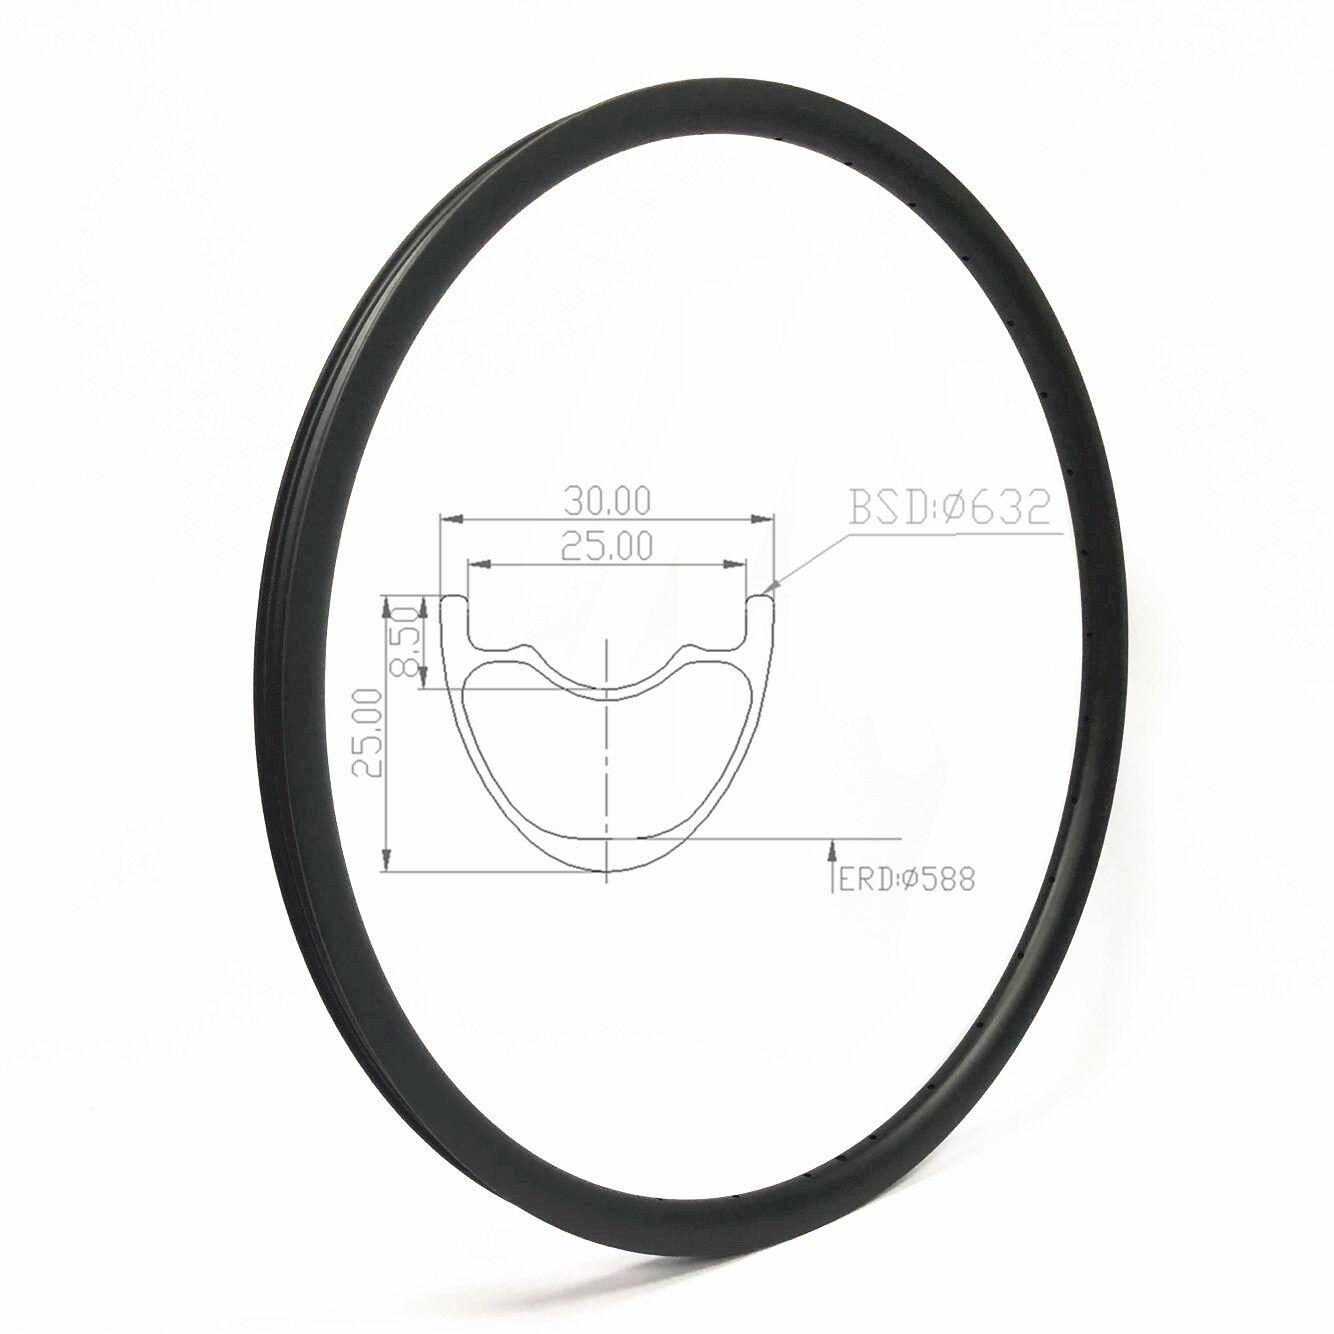 29 pulgadas Llantas de montaña de carbono para bicicleta de montaña Llanta Hookless de 30mm de ancho 32H Tubeless compatible